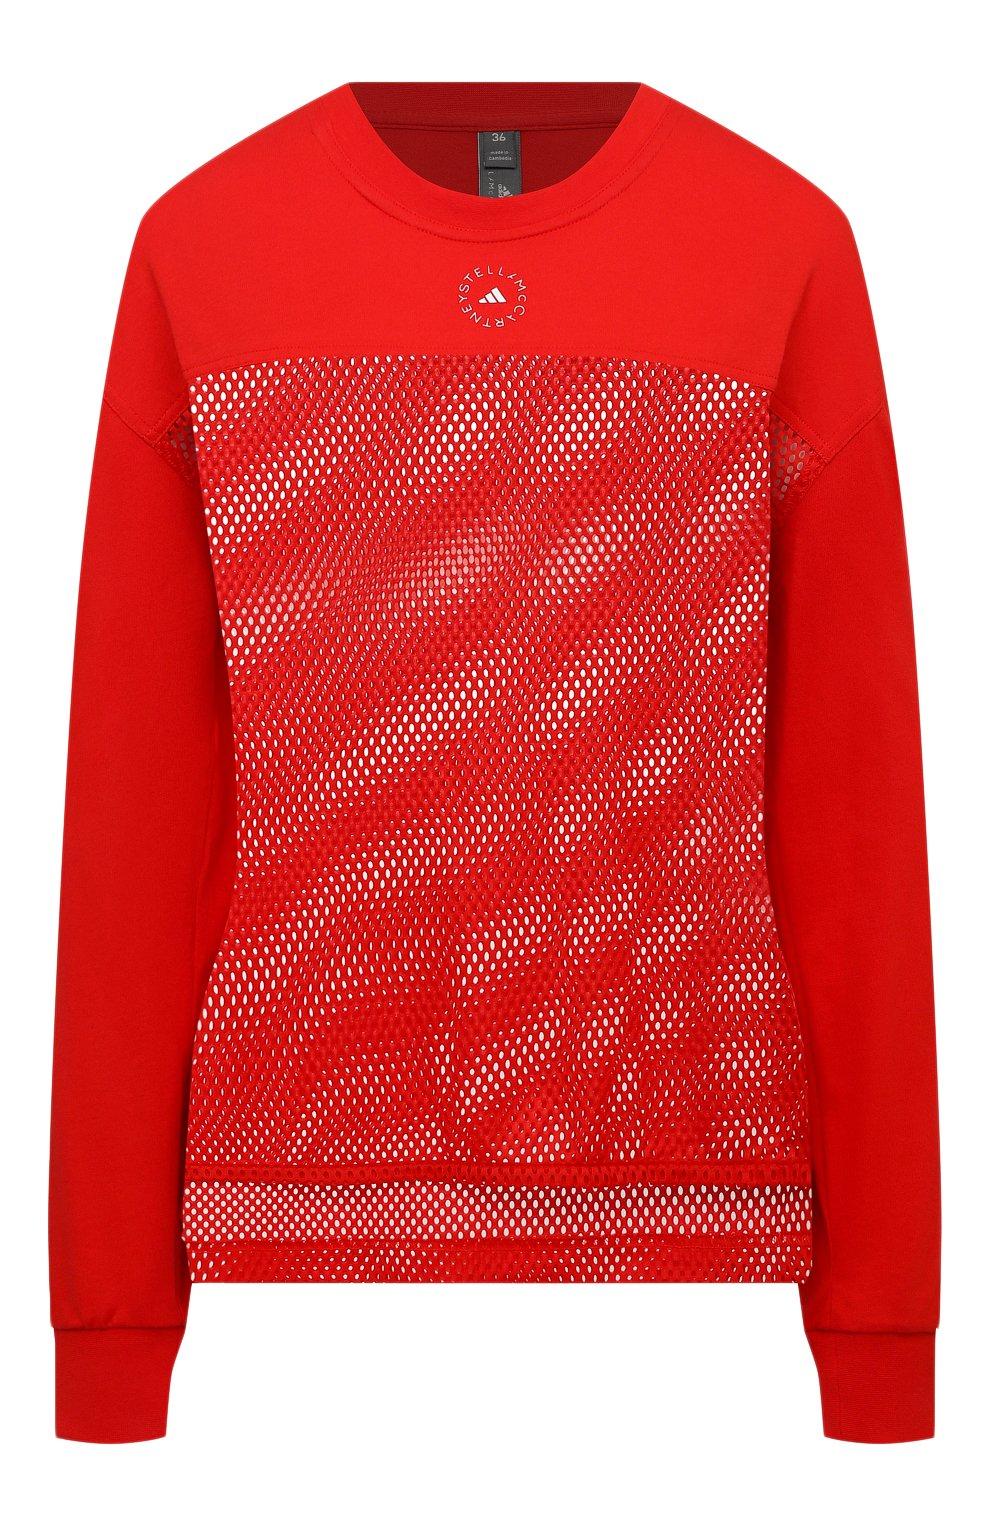 Женская хлопковый лонгслив ADIDAS BY STELLA MCCARTNEY красного цвета, арт. GM5393 | Фото 1 (Женское Кросс-КТ: Лонгслив-спорт, Лонгслив-одежда; Рукава: Длинные; Принт: Без принта; Длина (для топов): Стандартные; Материал внешний: Хлопок; Стили: Спорт-шик)